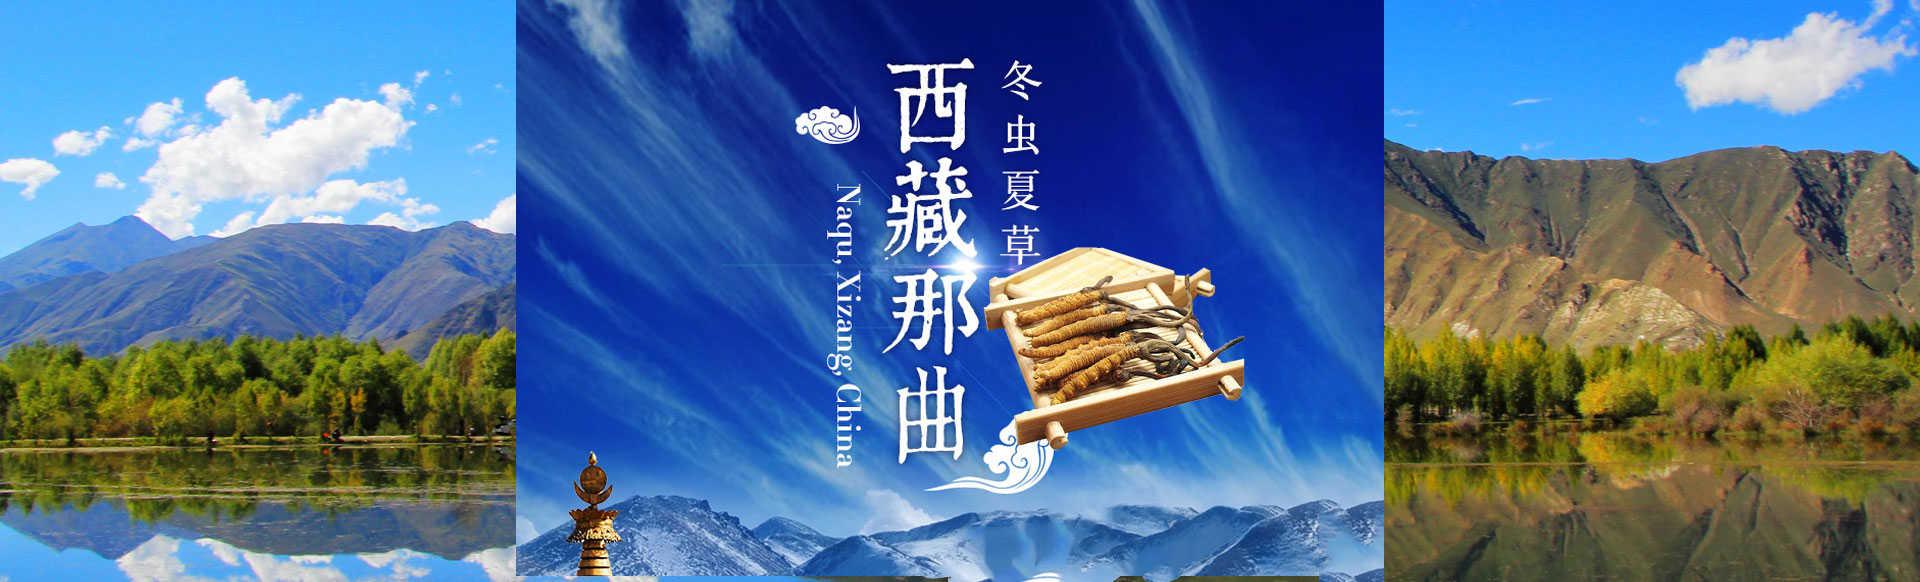 我们推荐野生中药材货源_参类滋补品相关-林芝藏芝缘商贸有限公司